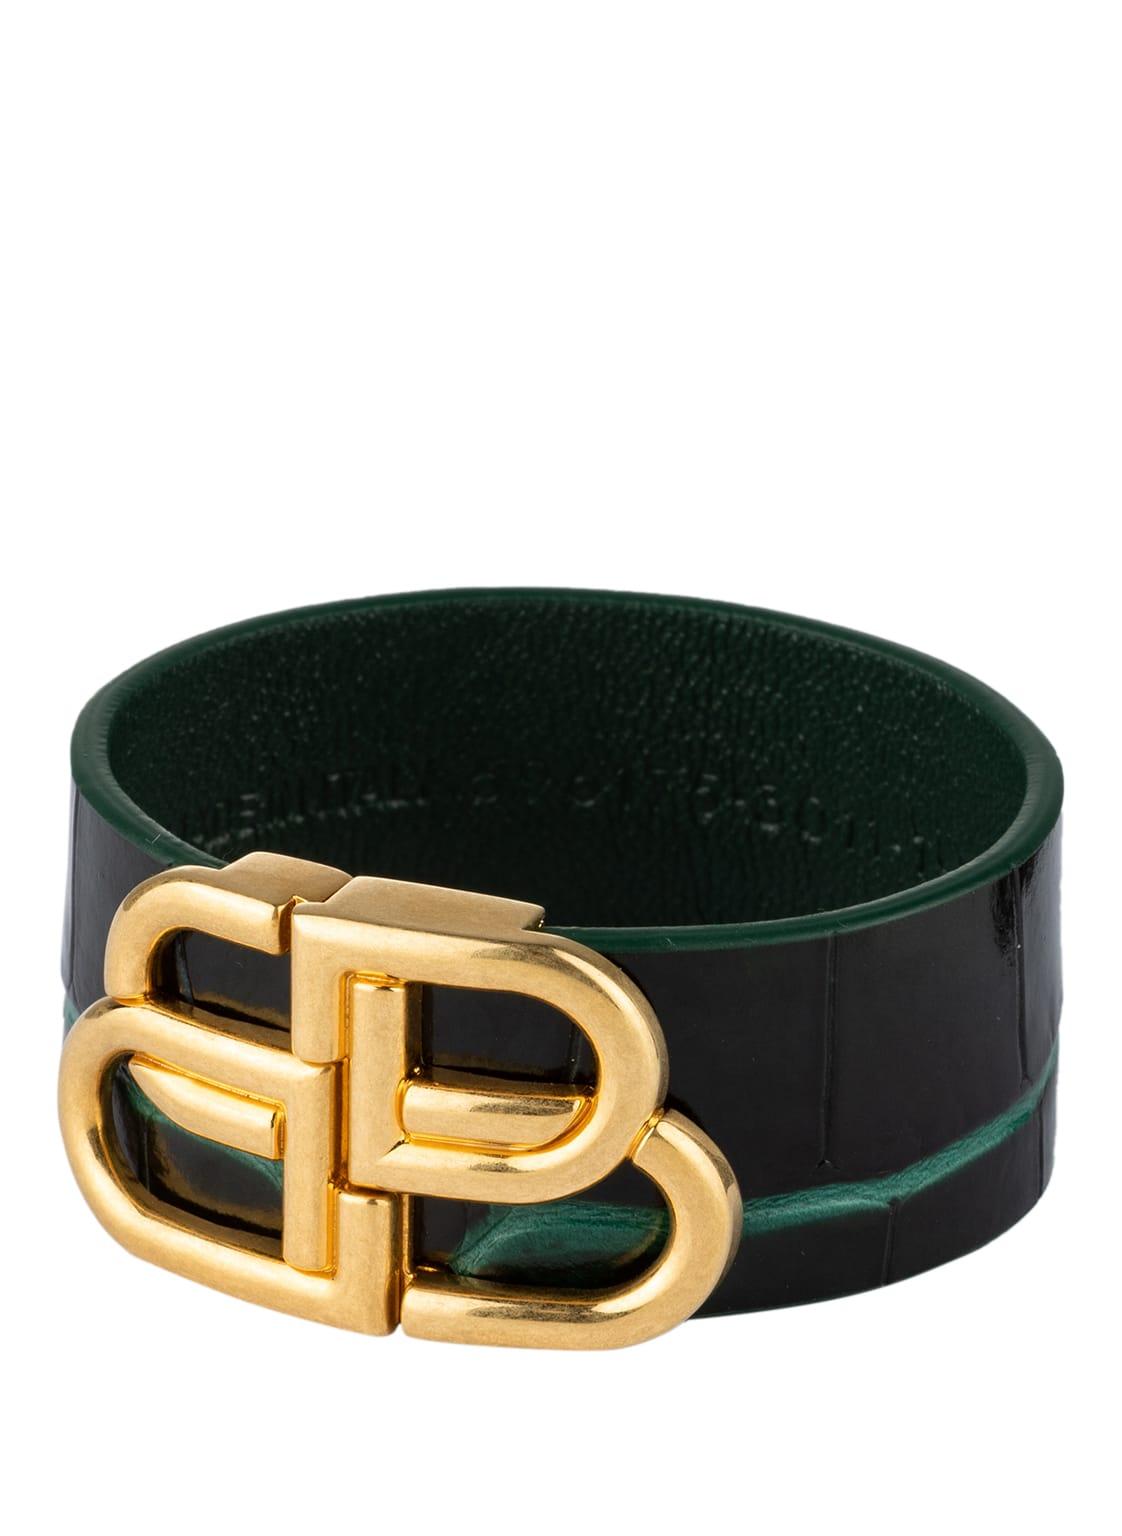 Image of Balenciaga Armband gruen